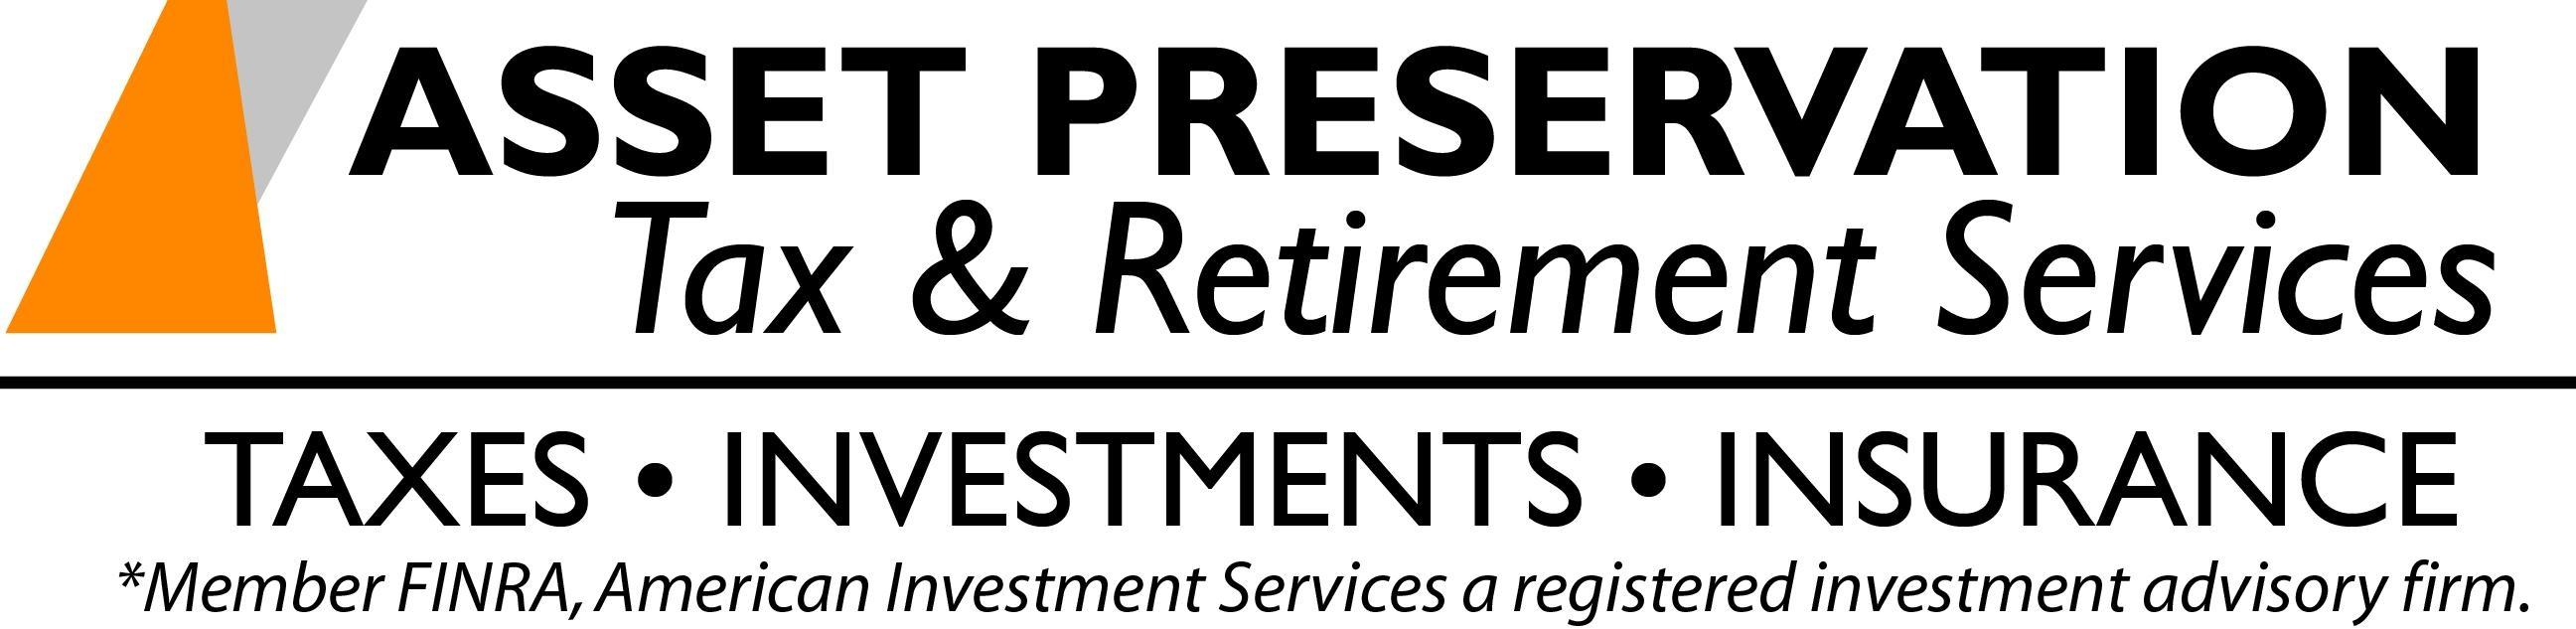 Asset Preservation Tax & Retirement Services - Surprise, AZ - Financial Advisors